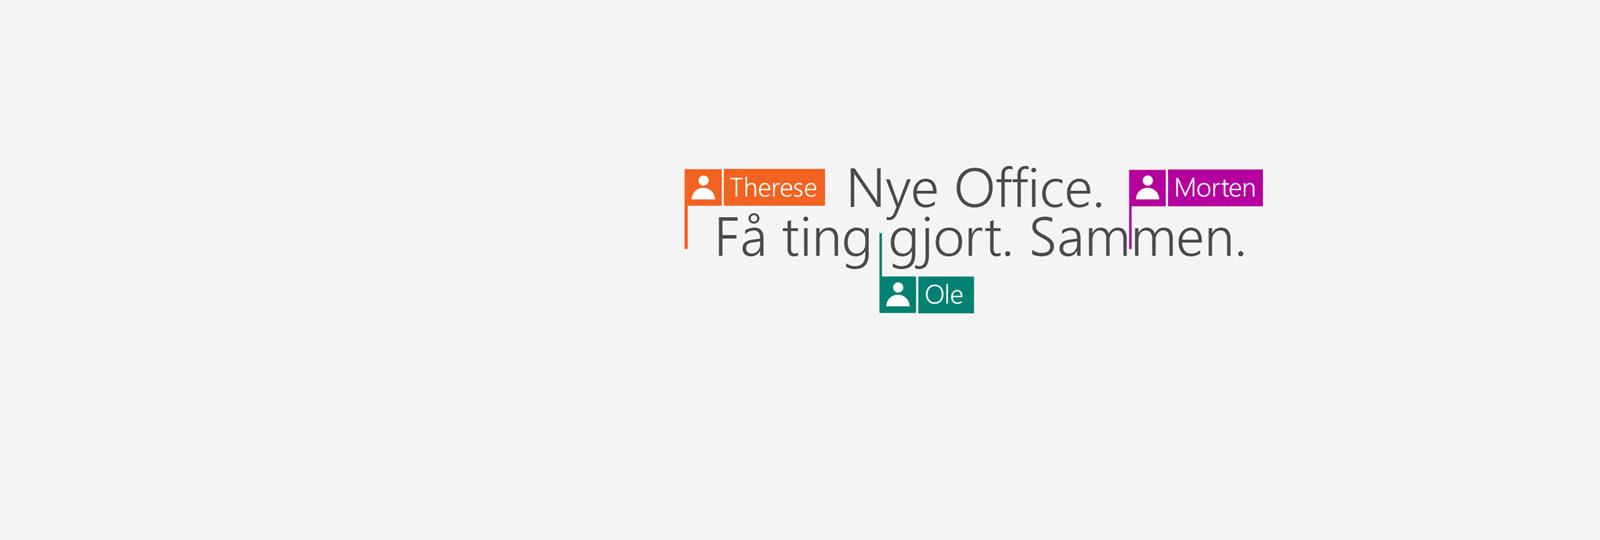 Kjøp Office 365 for å få de nye 2016-appene.